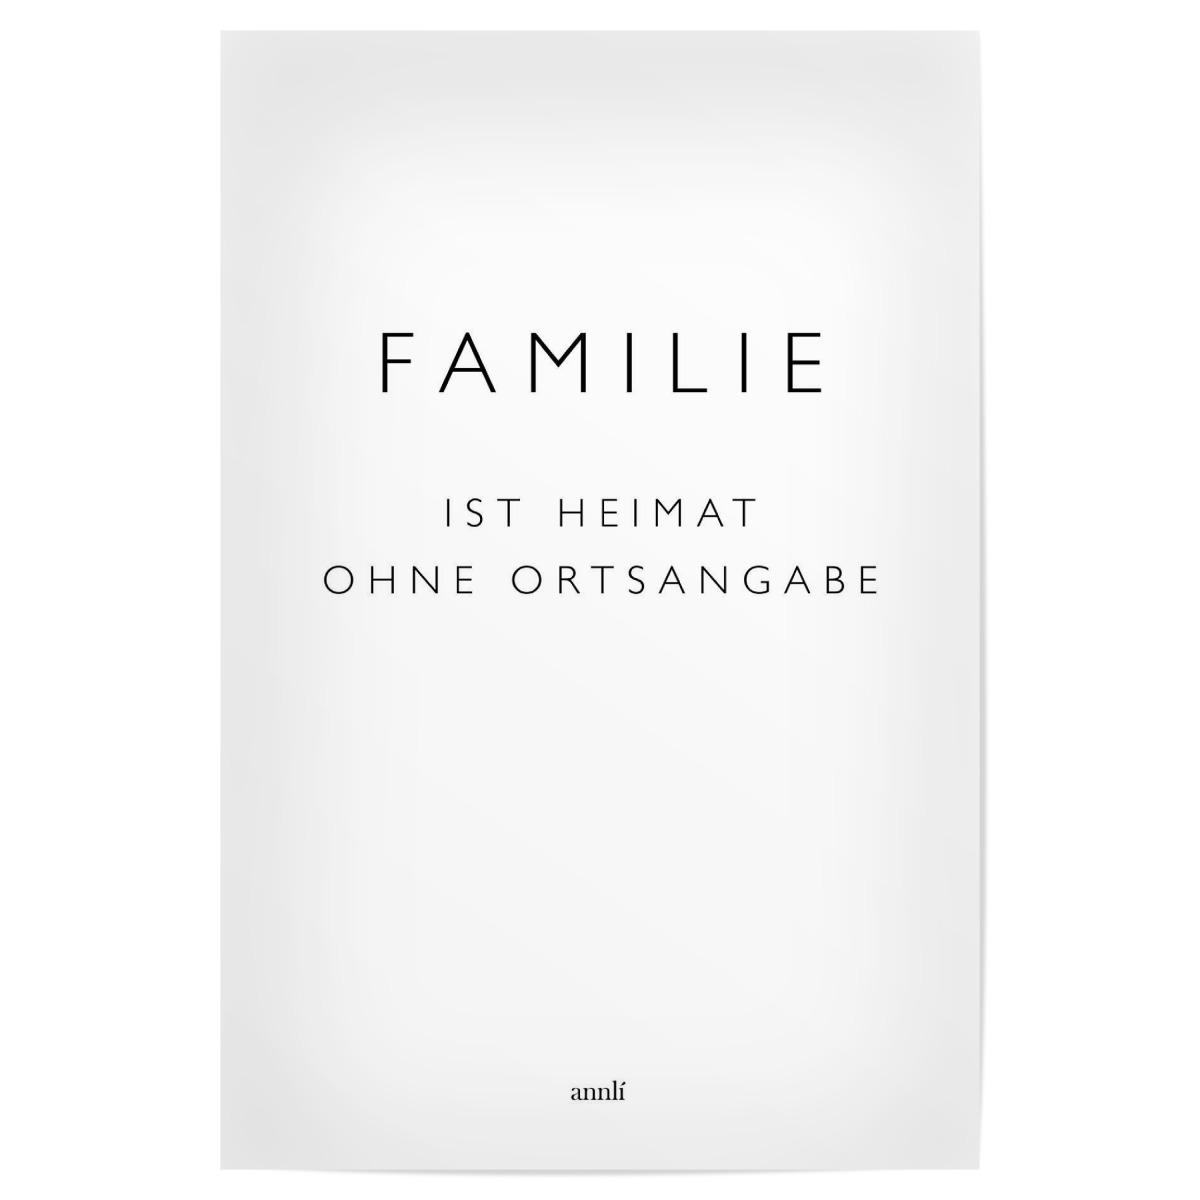 Familie Ist Heimat Ohne Ortsangabe Als Poster Bei Artboxone Kaufen